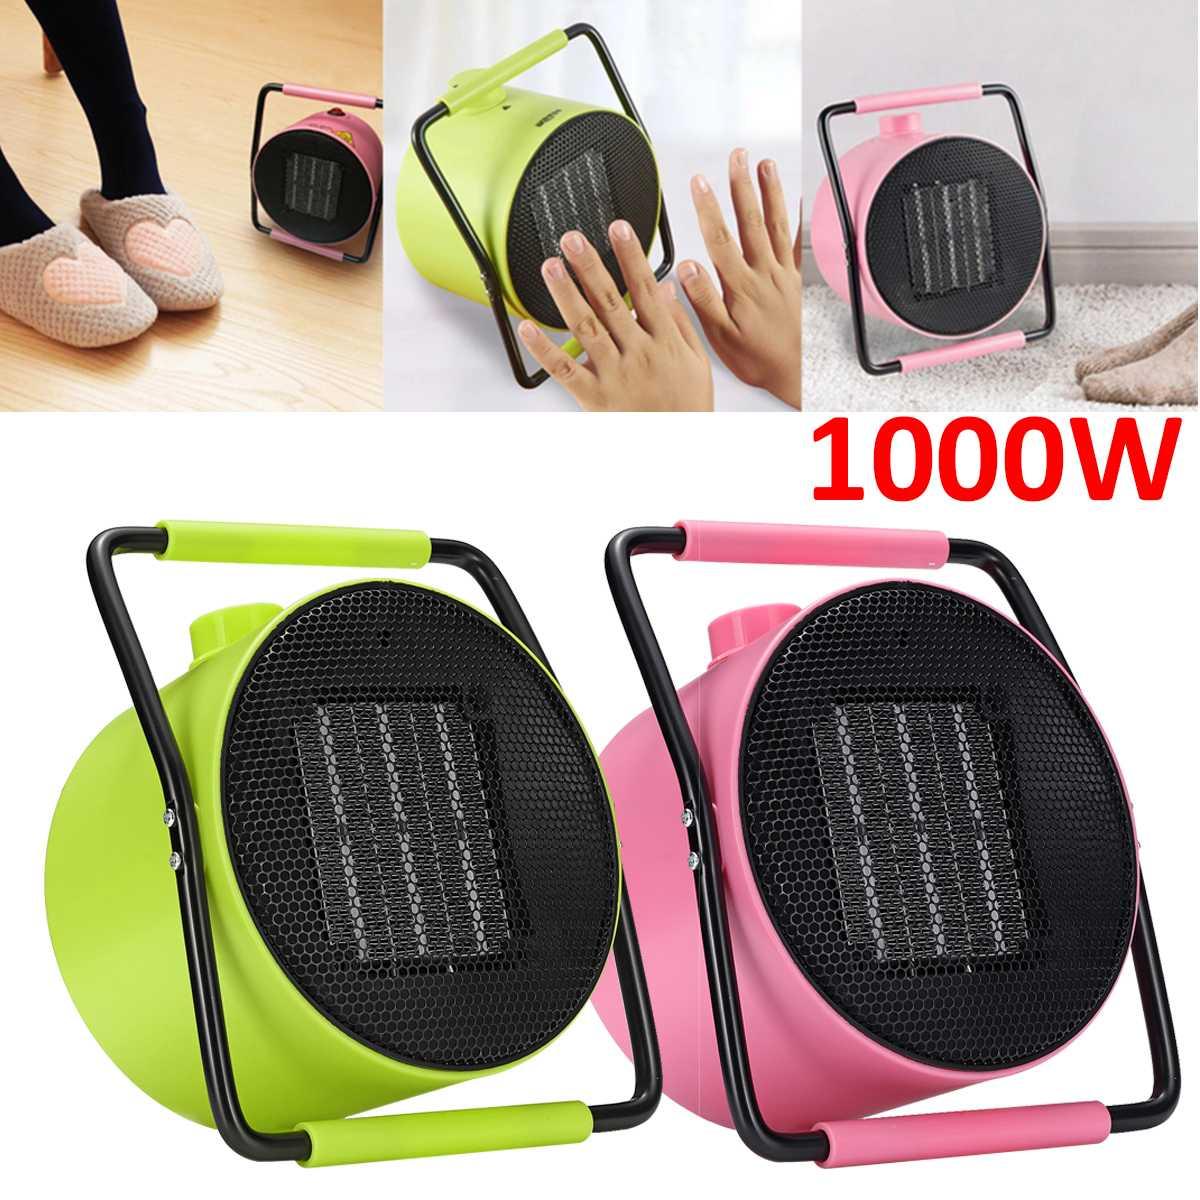 1000W Electric Heater Fan Portable Hand Heater Winter Mini ...